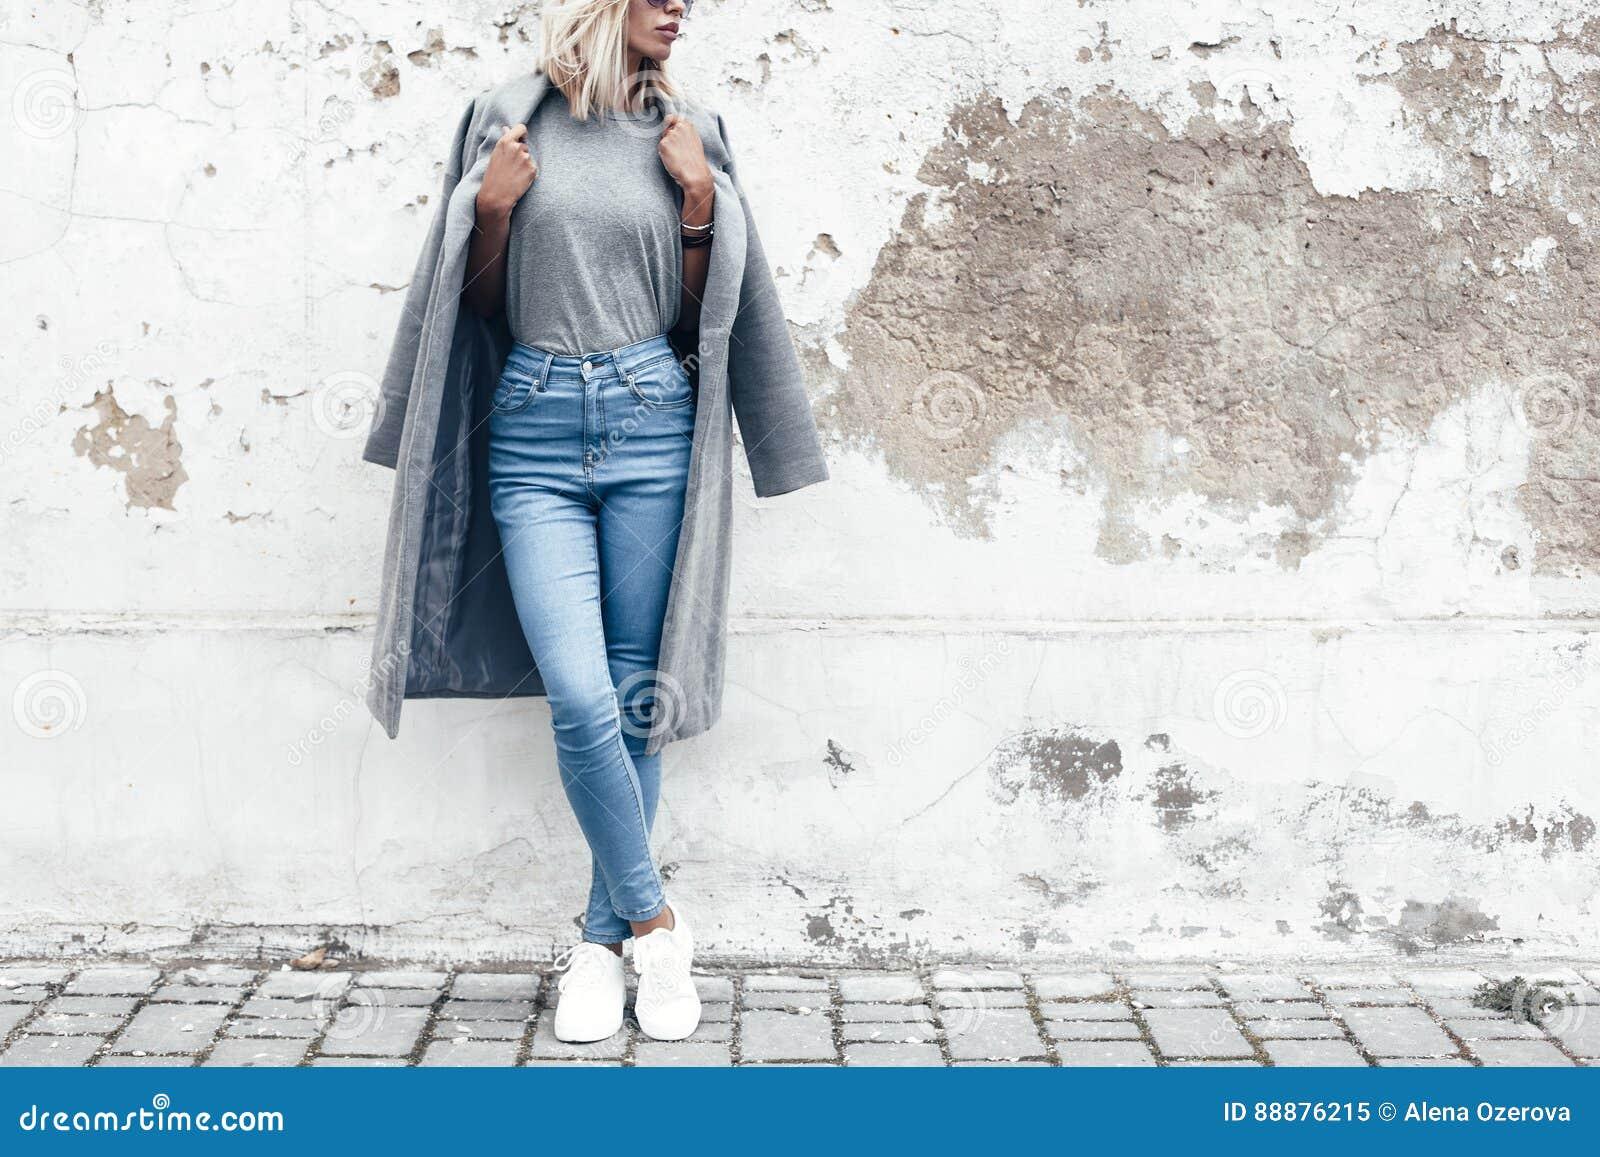 Pose modèle dans le T-shirt simple contre le mur de rue